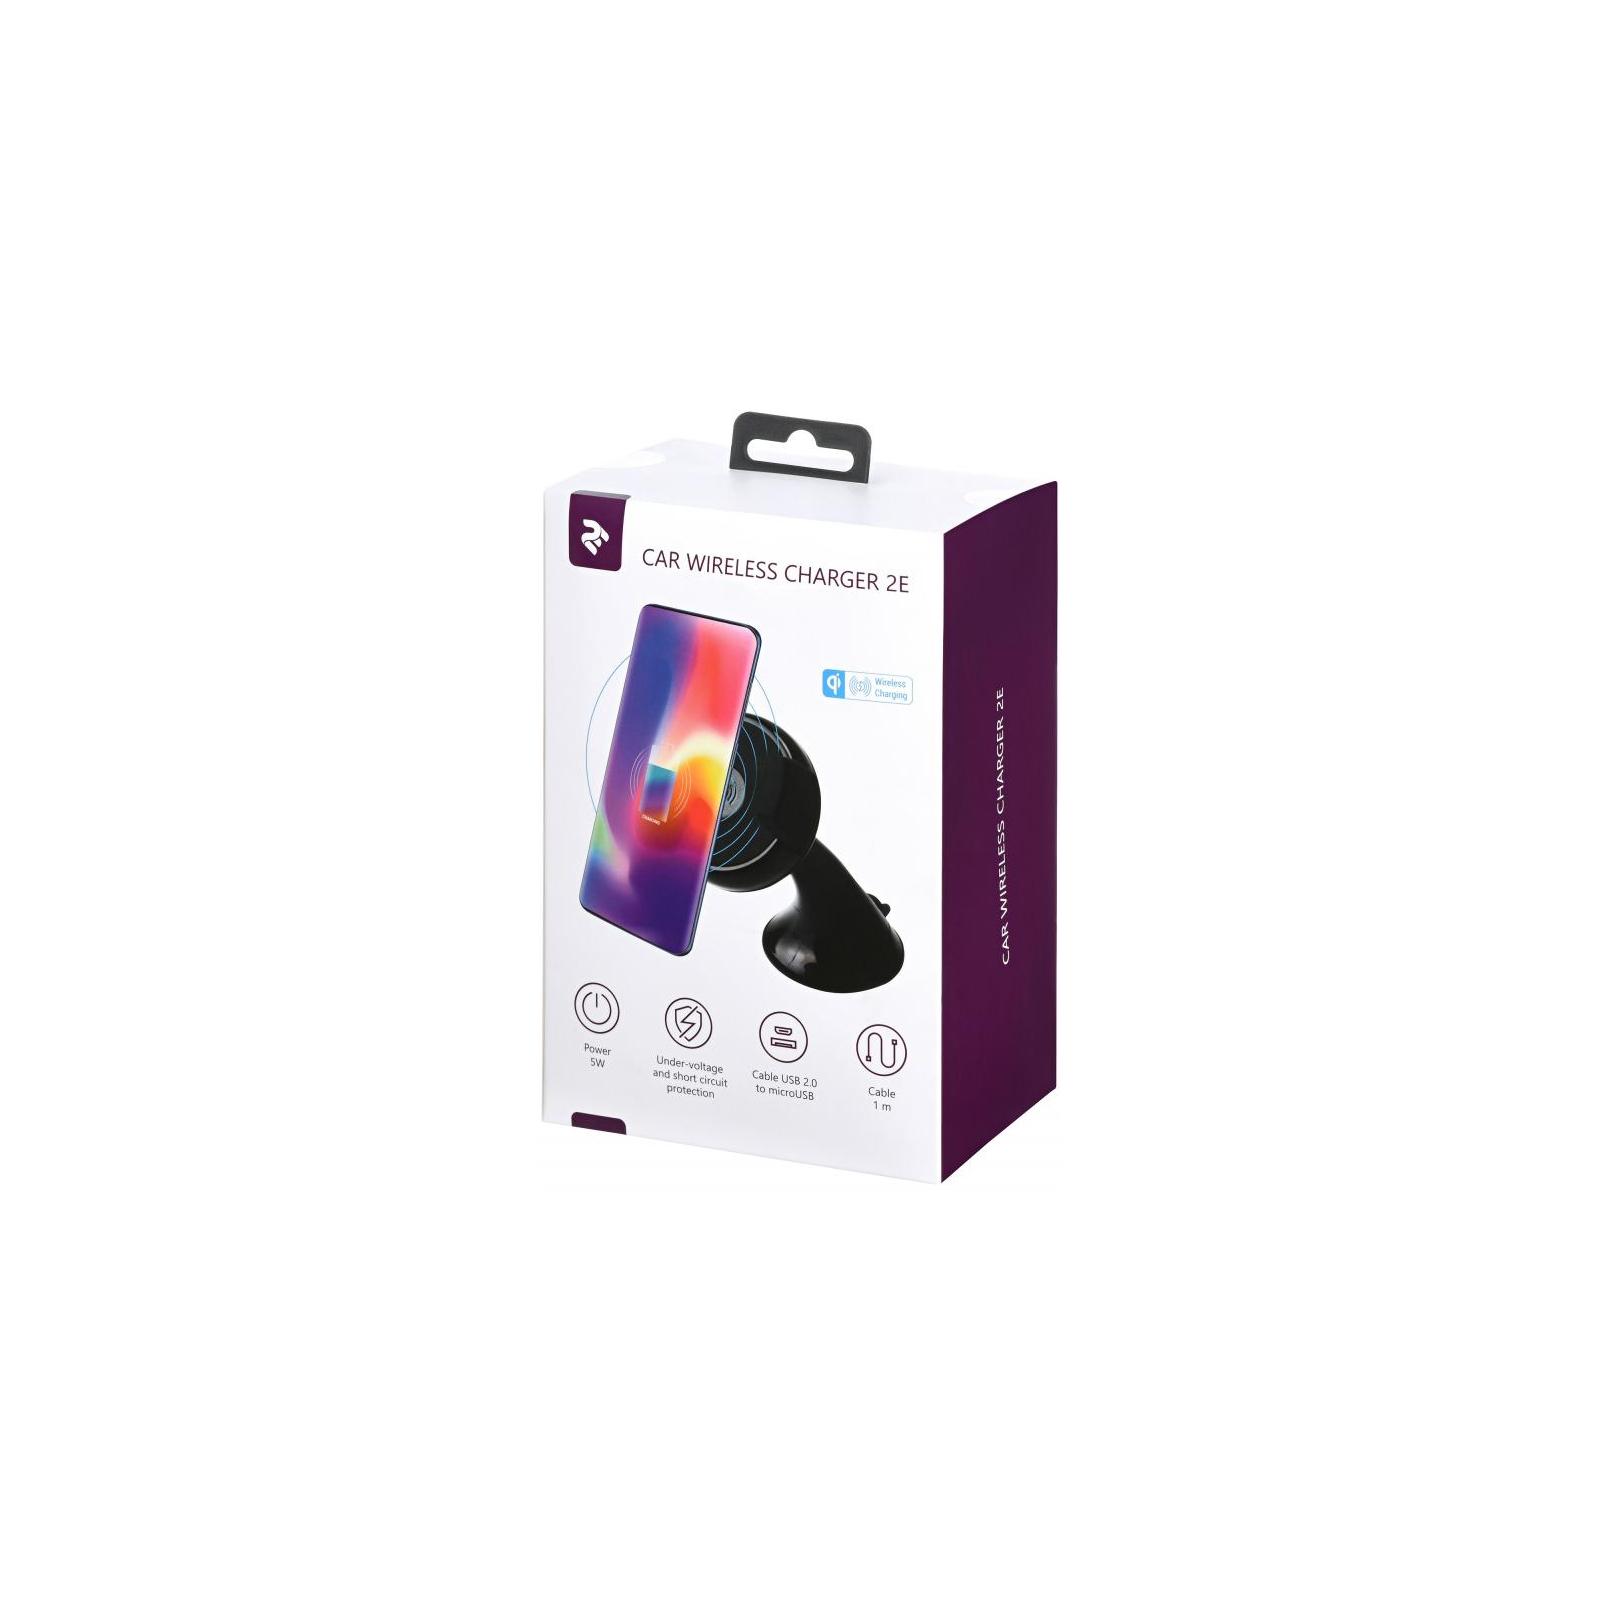 Зарядний пристрій 2E Car Mount Rotating Wireless Charger, 5W, black (2E-WCQ01-03) зображення 8